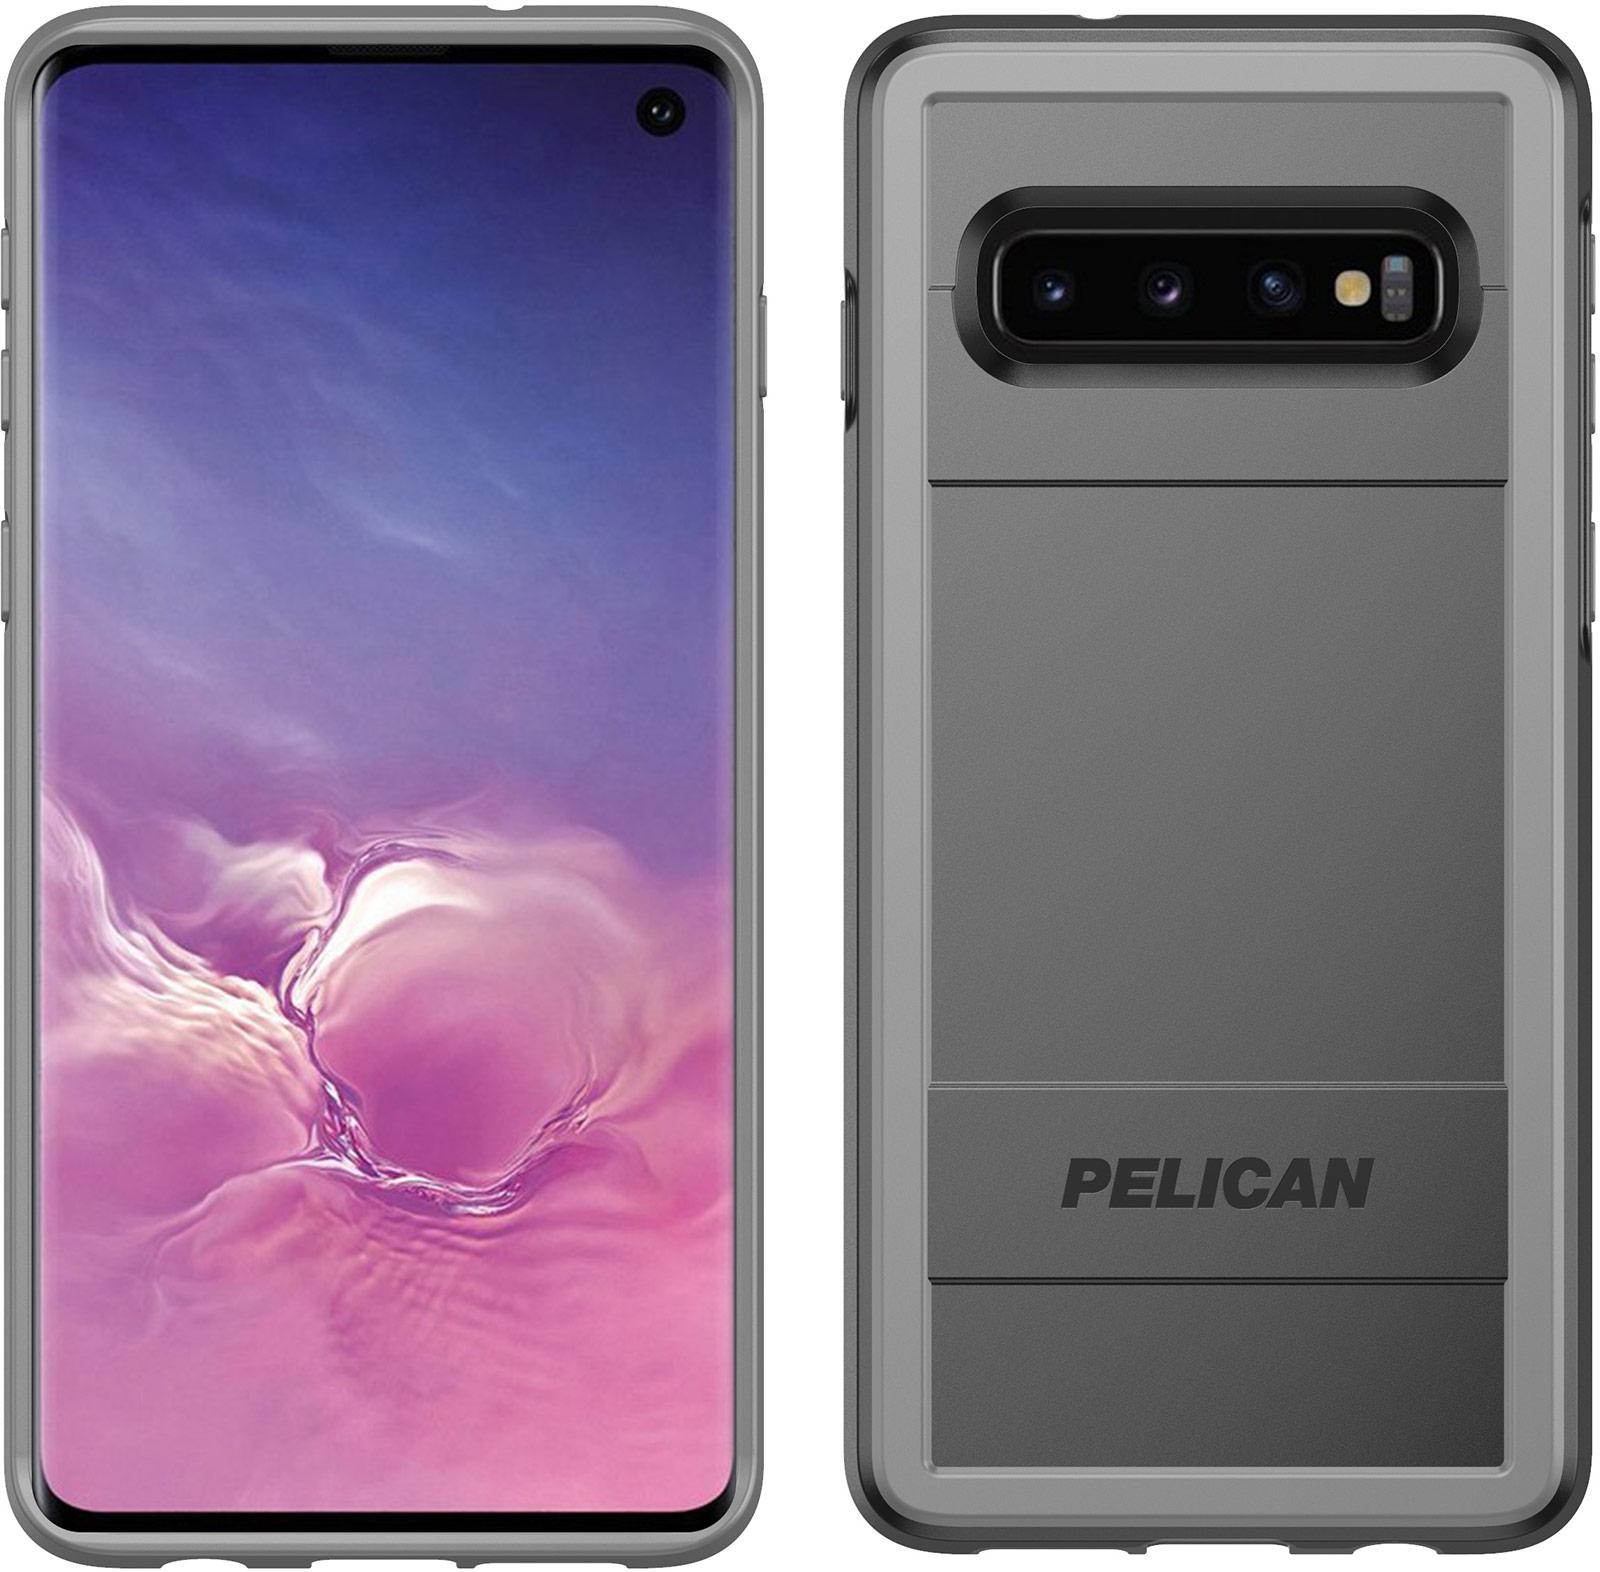 pelican samsung galaxy s10 protector ams phone case